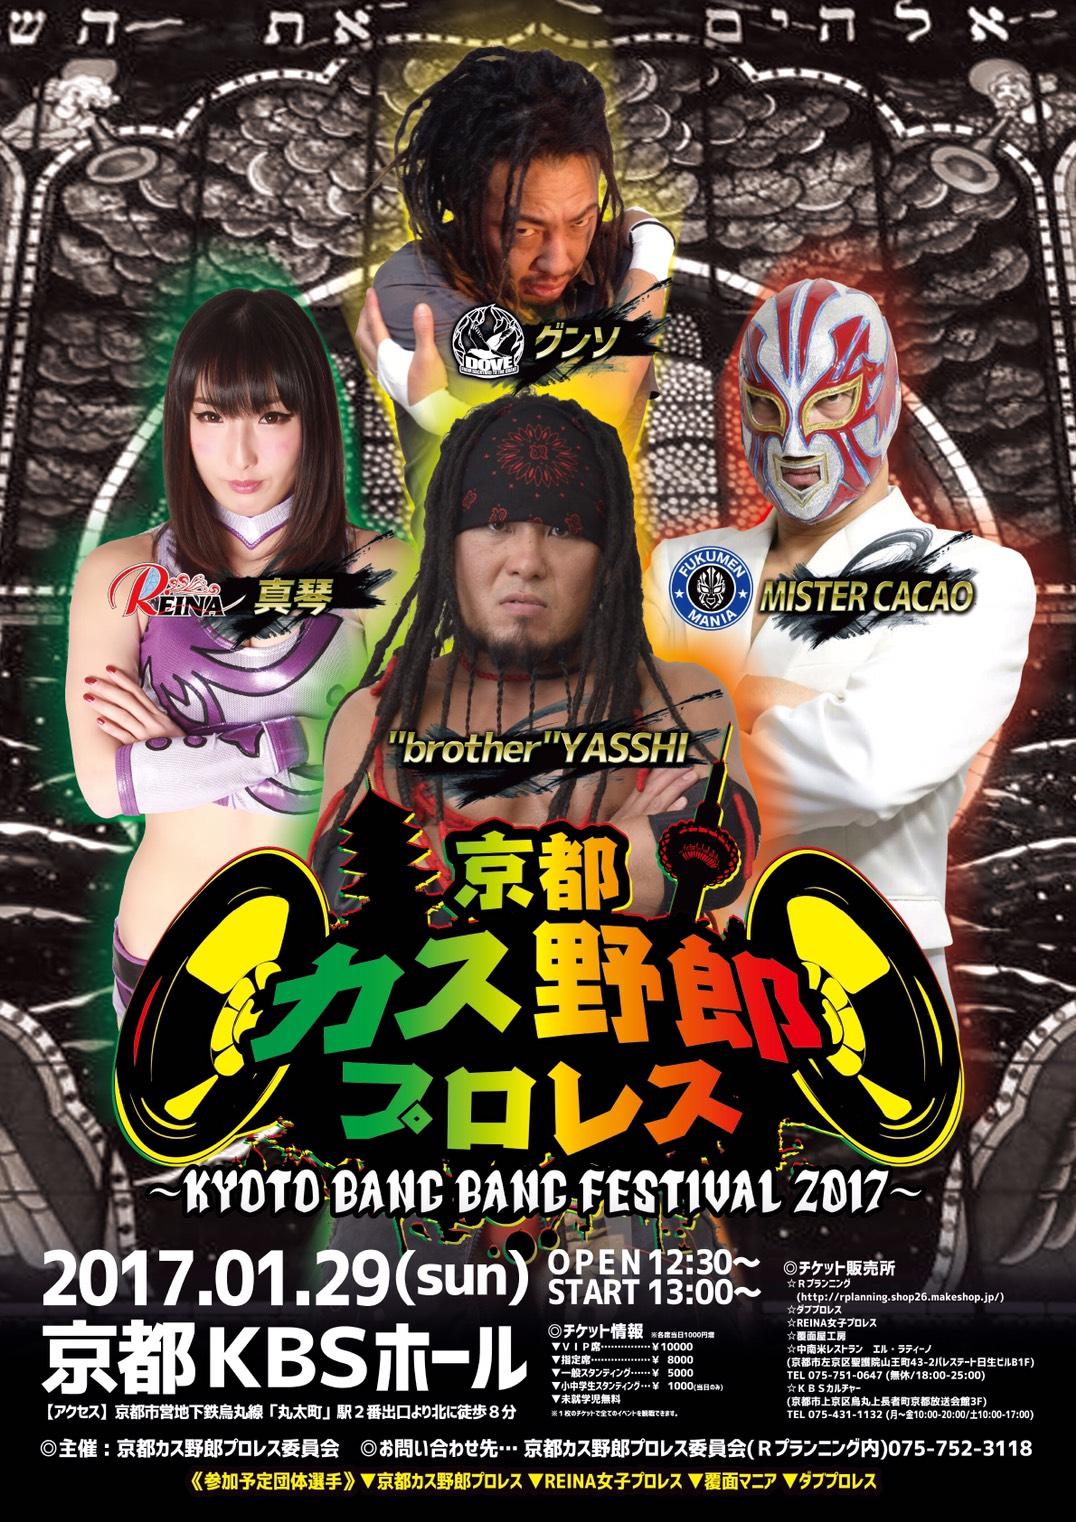 【京都カス野郎プロレス】1・29(日)~KYOTO BANG! BANG!  FESTIVAL 2017~一部対戦カード・参加アーティスト発表!